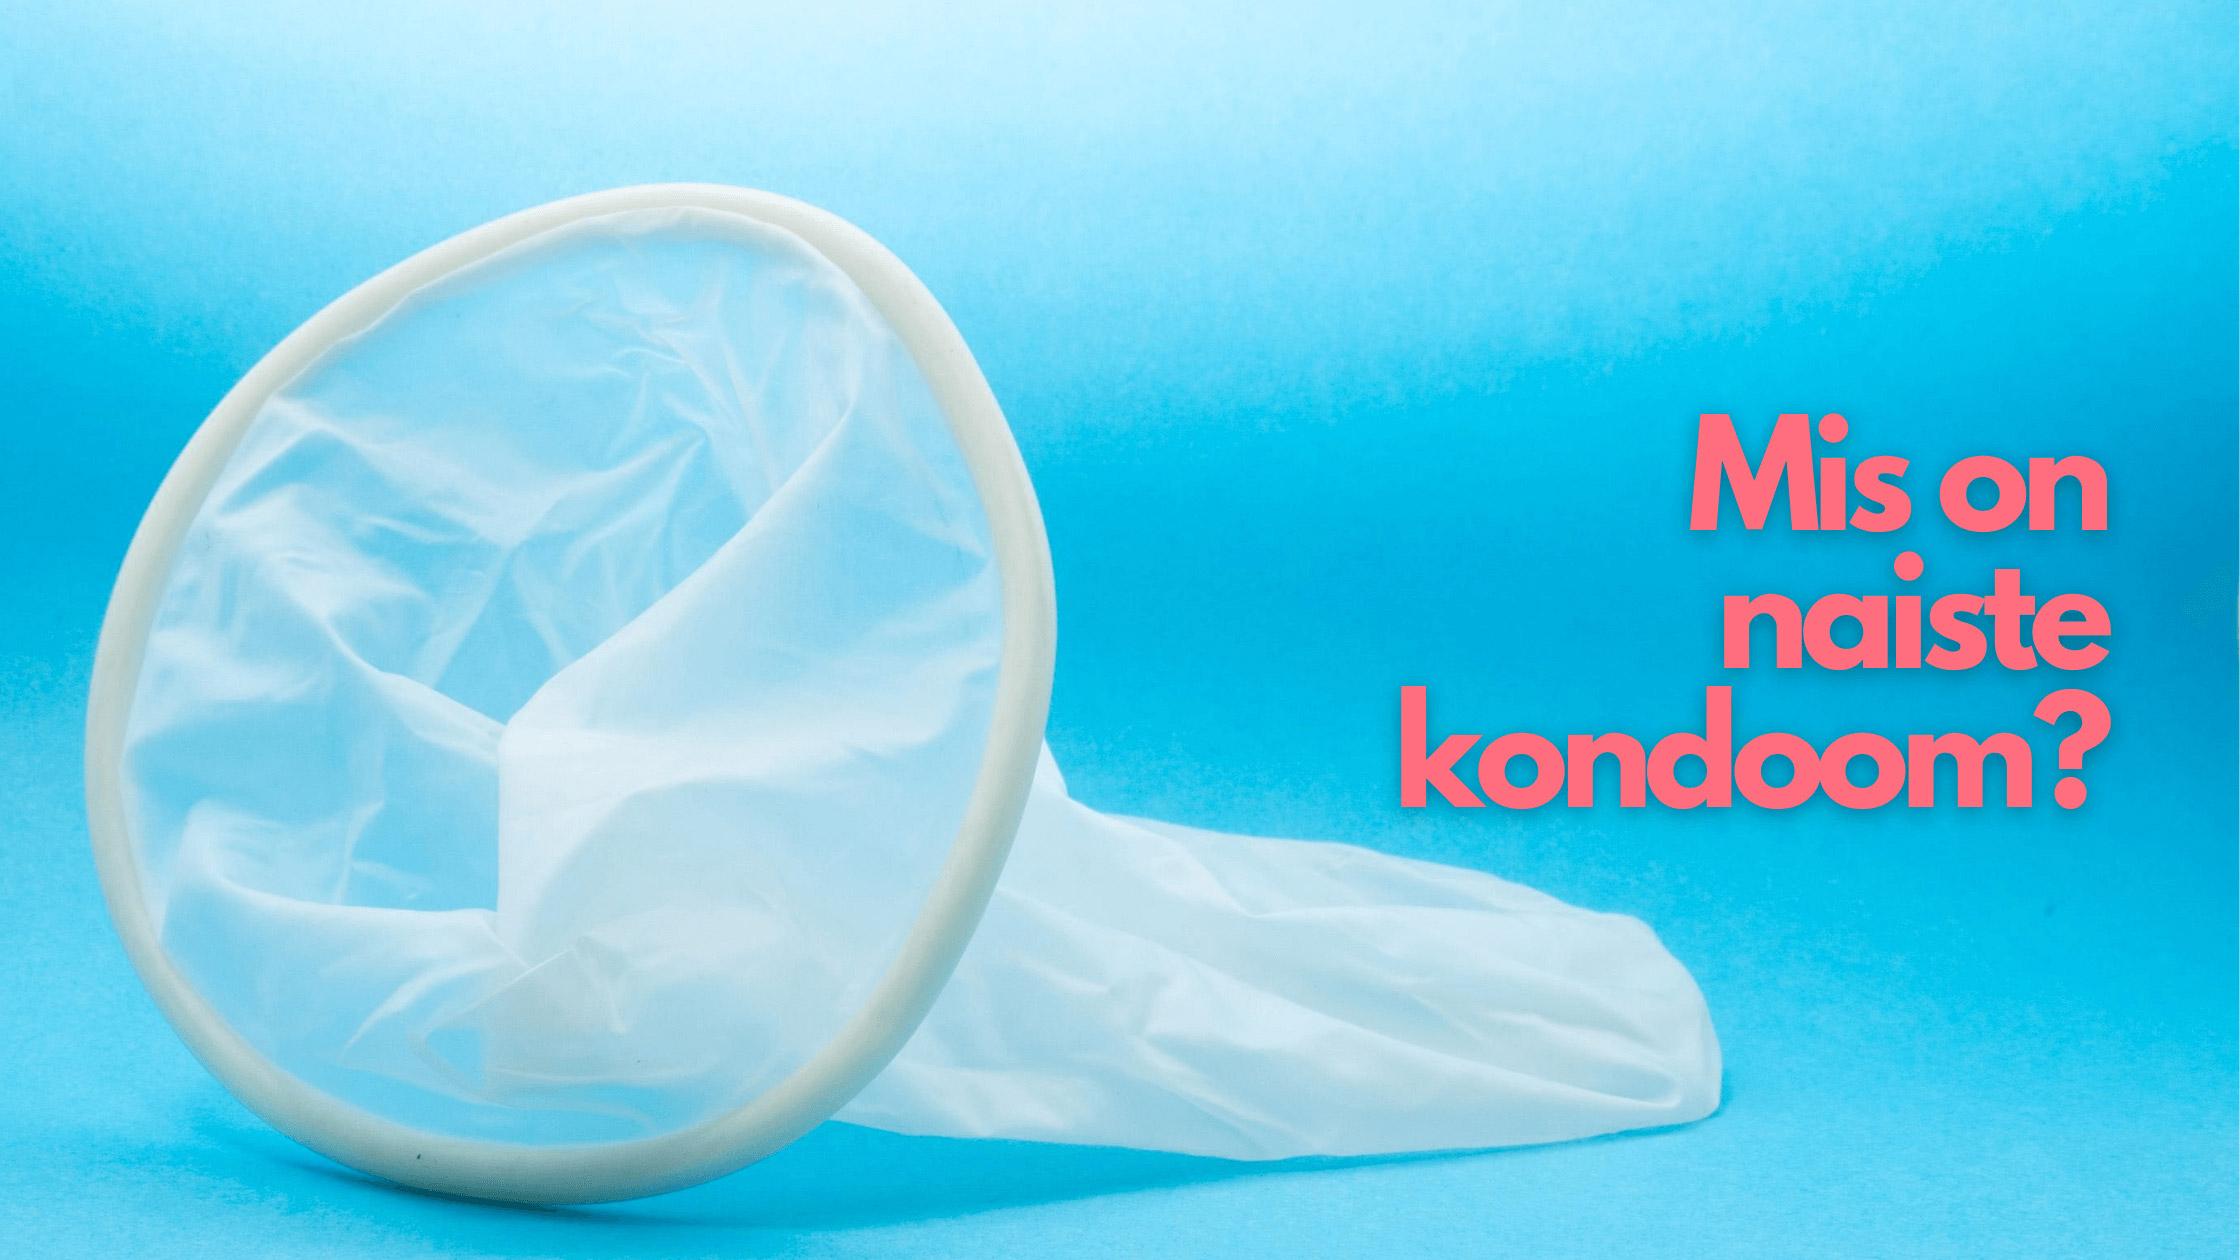 Liikme suurus kondoom Vastavalt valemile, peenise suurusele